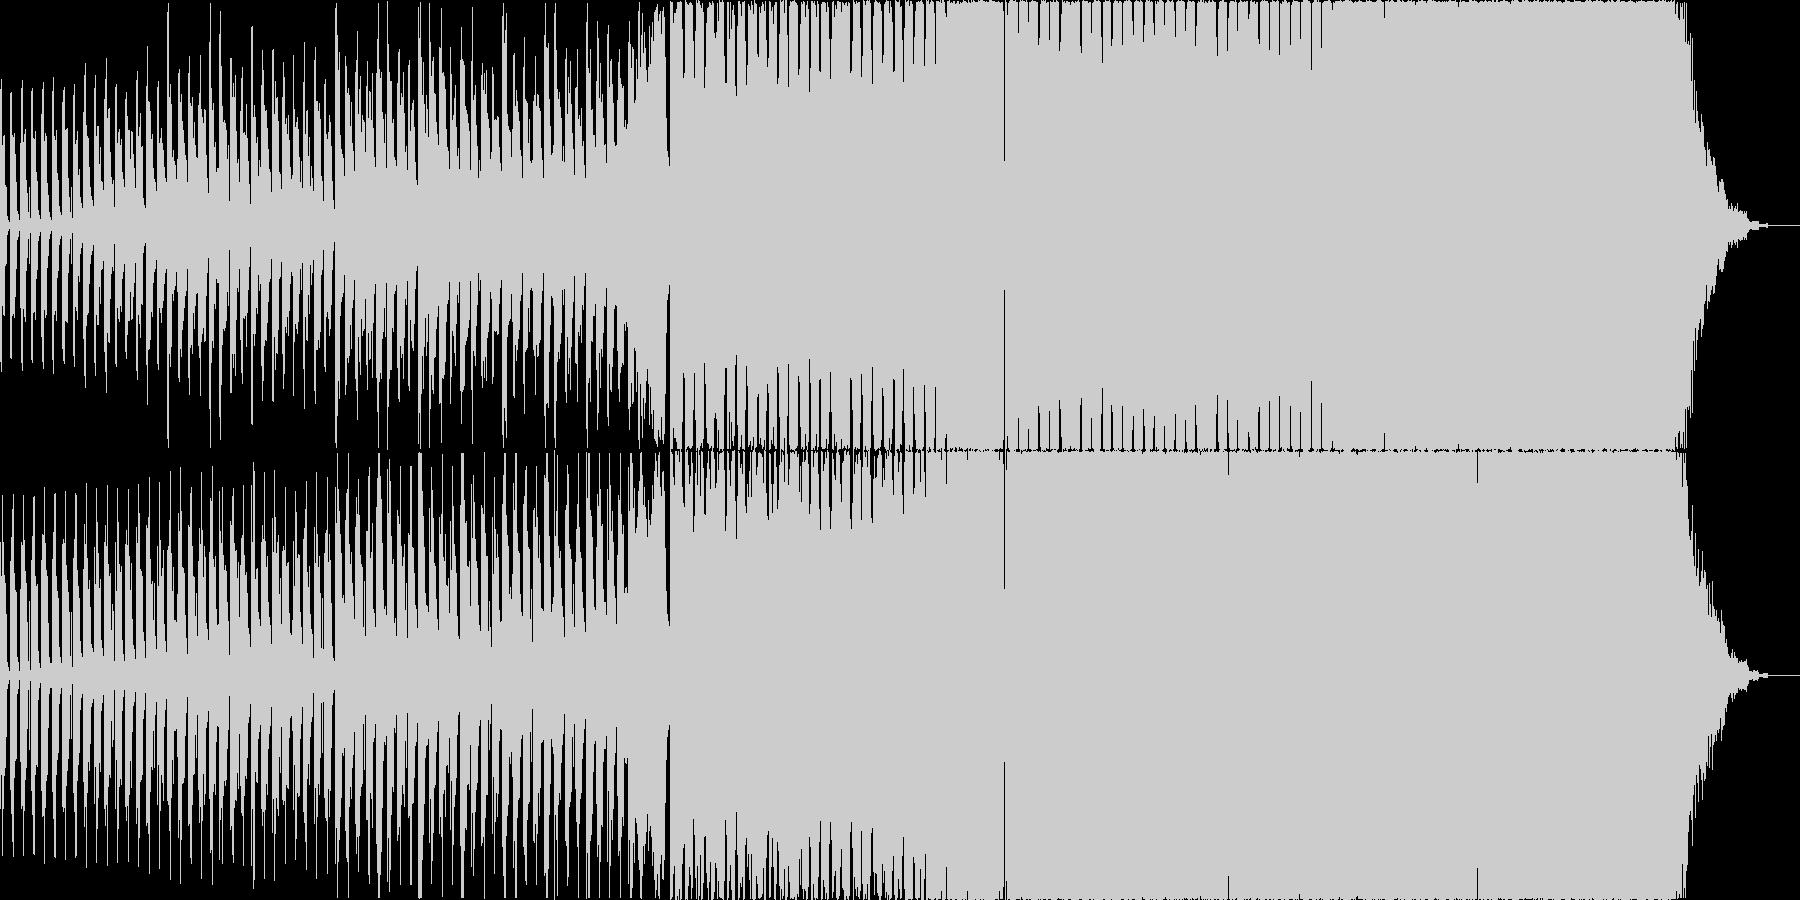 ダークで盛り上がるダンスミュージックの未再生の波形